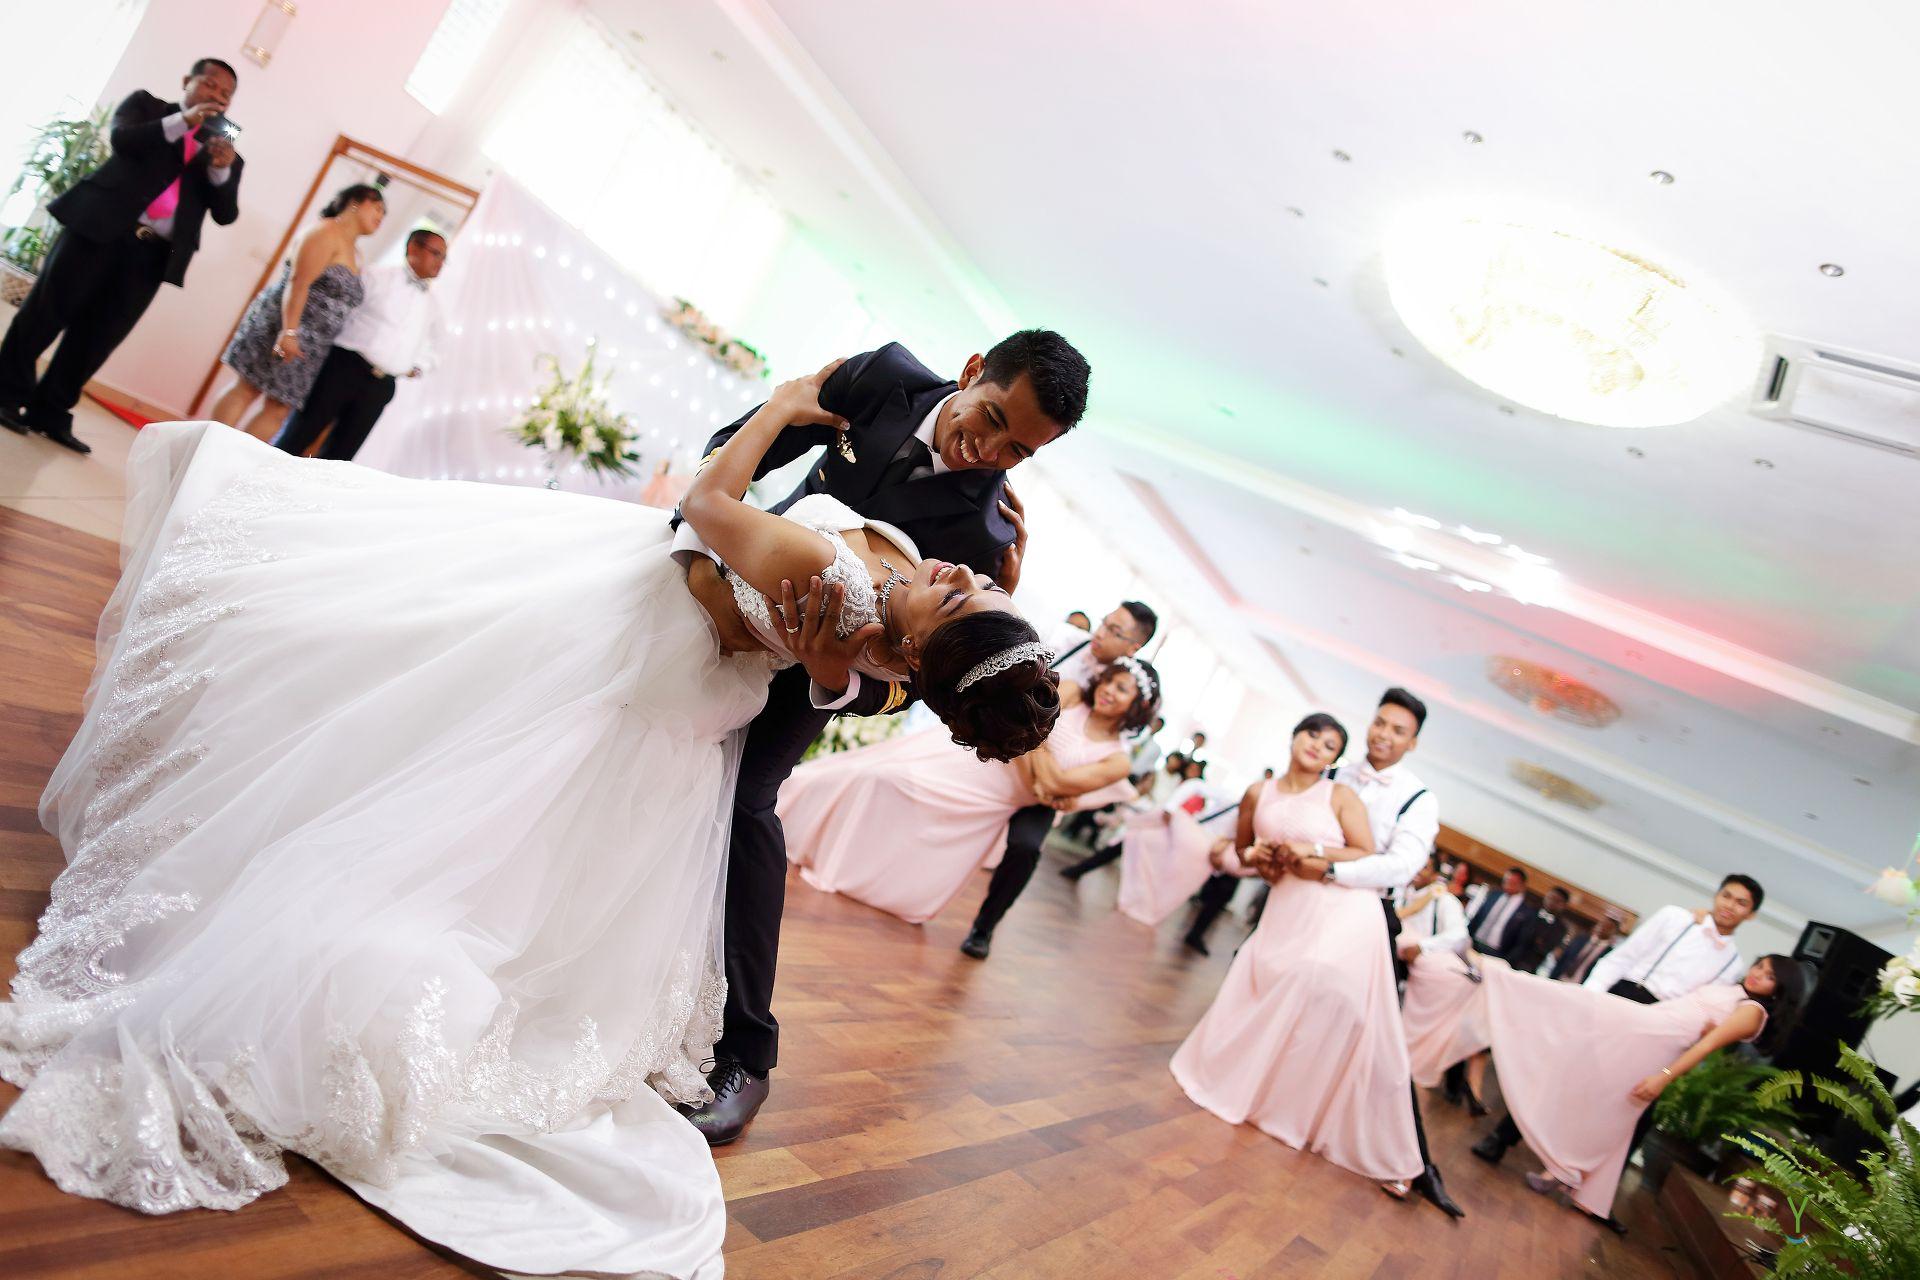 Gardez les meilleurs souvenirs de votre mariage à travers une vidéo